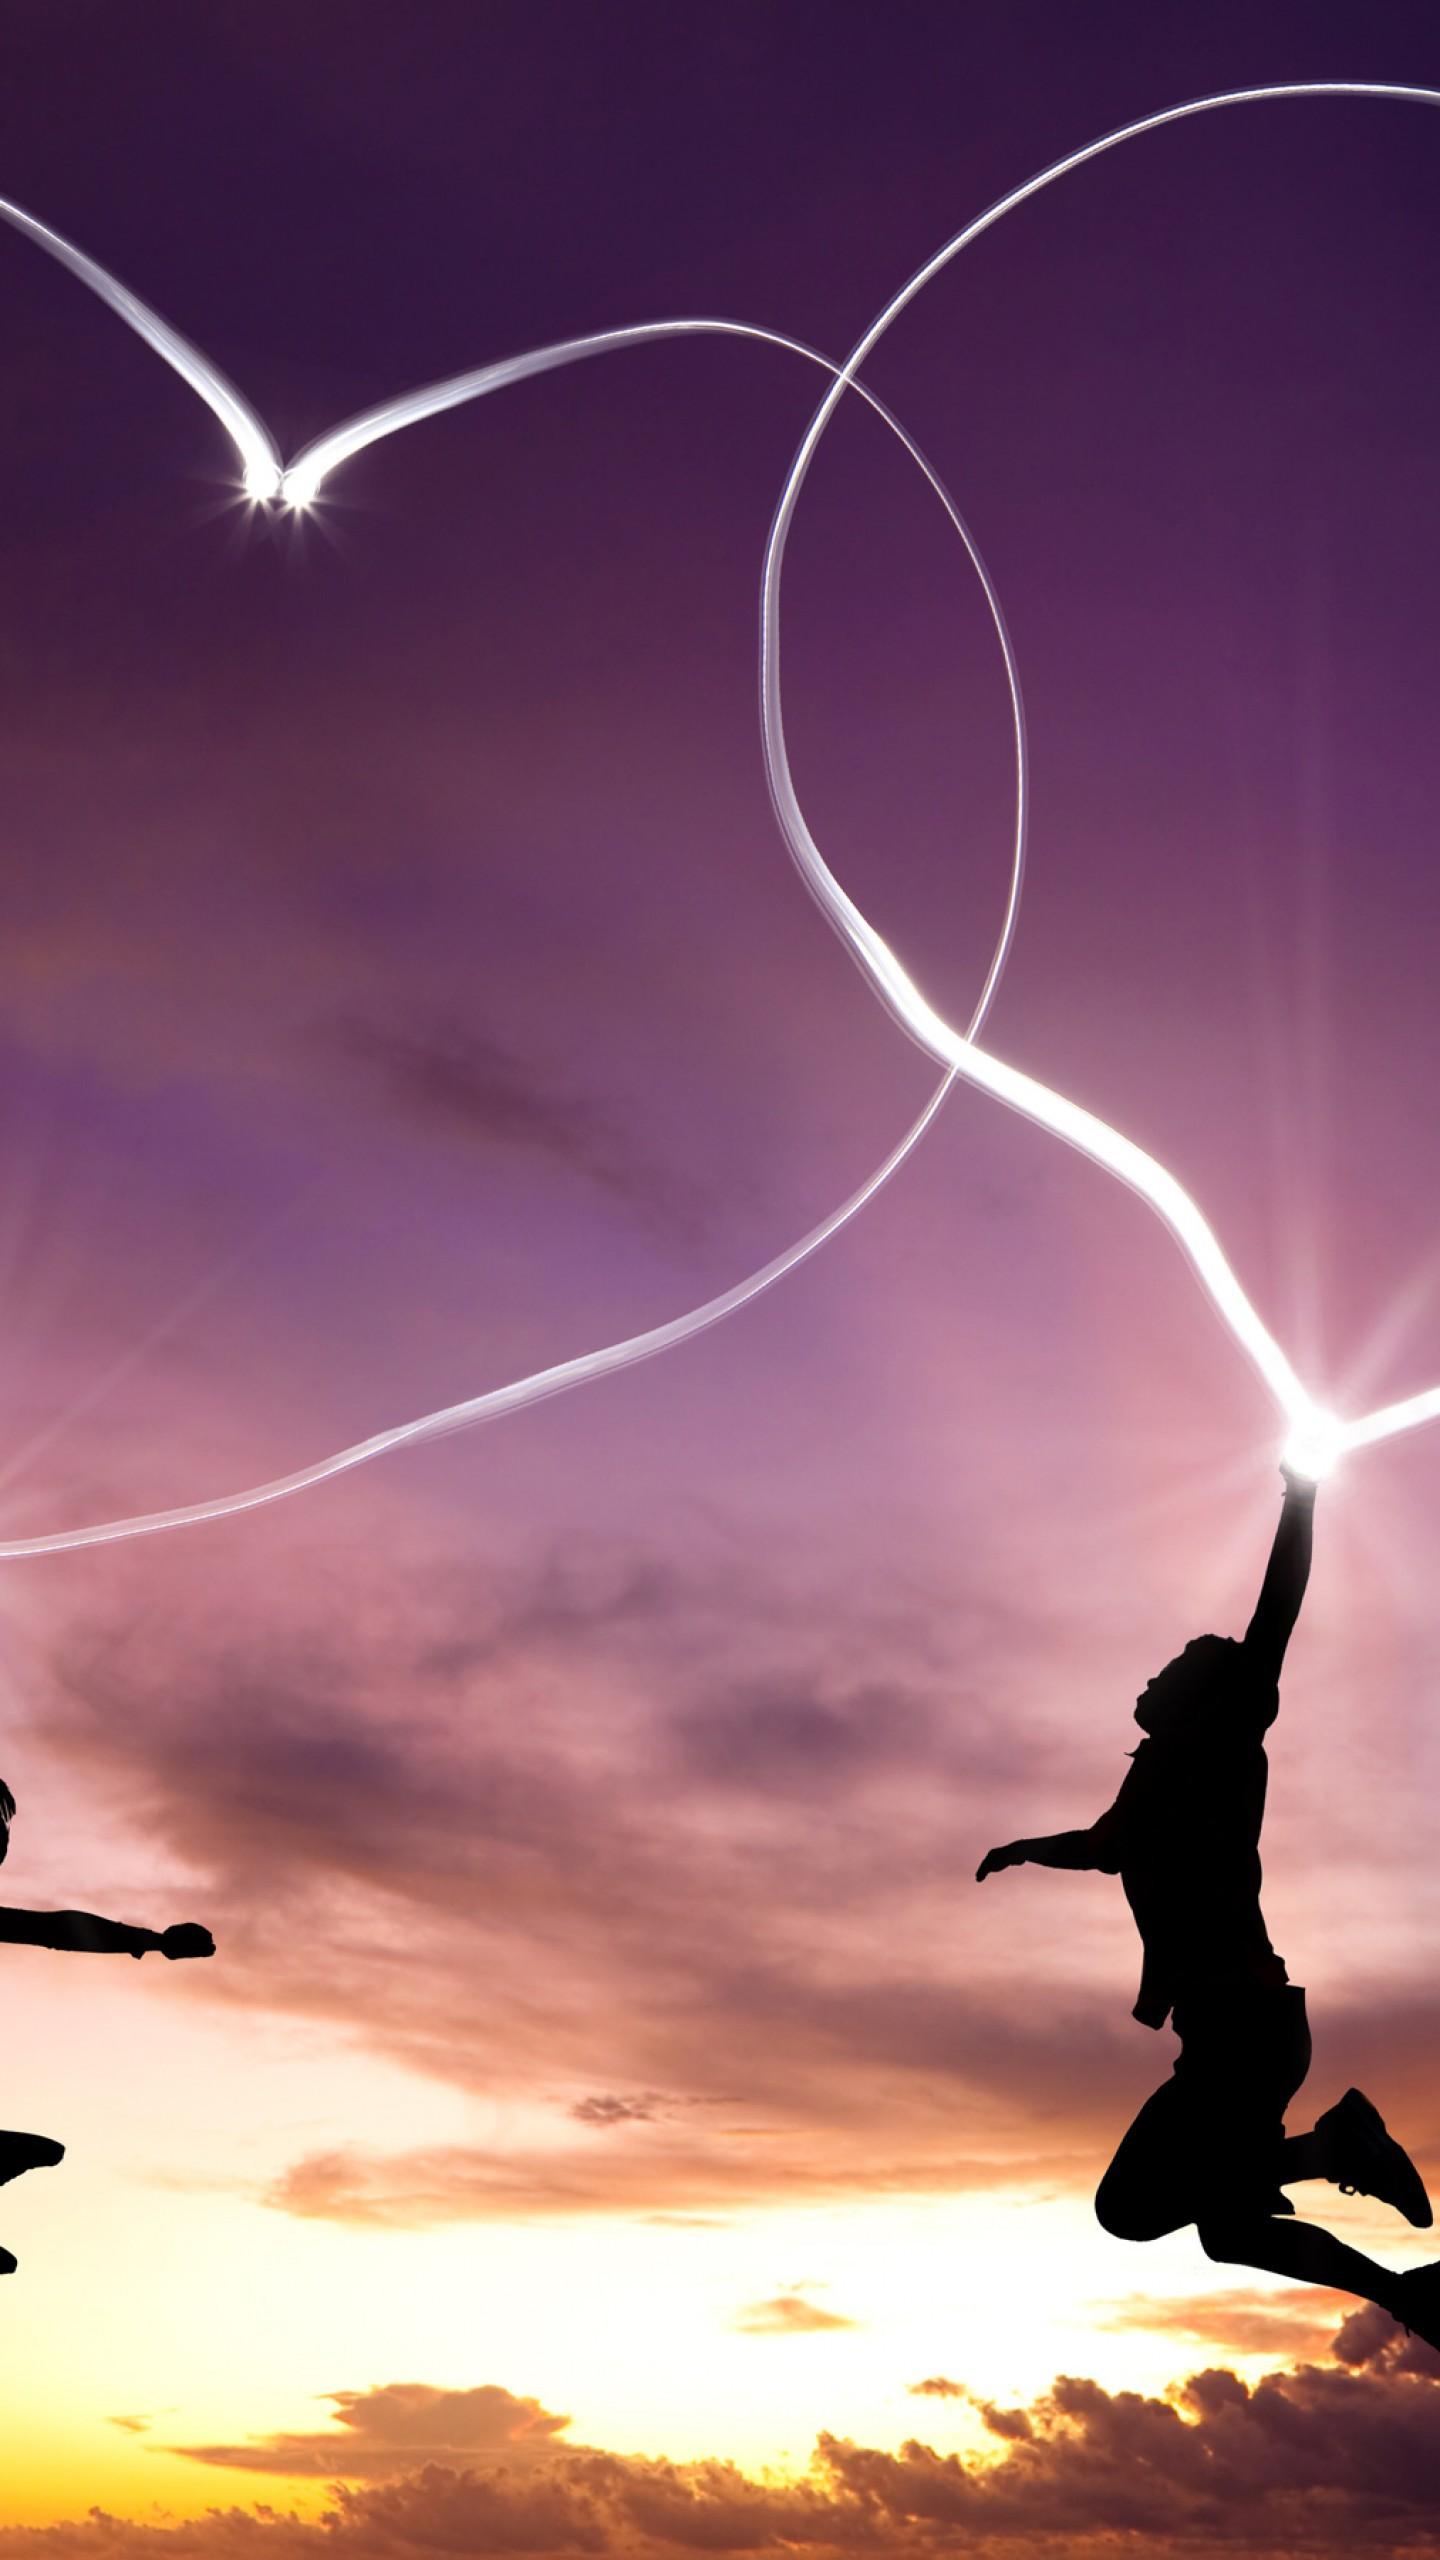 عکس زمینه کشیدن قلب های نورانی در آسمان توسط پسر و دختر پس زمینه